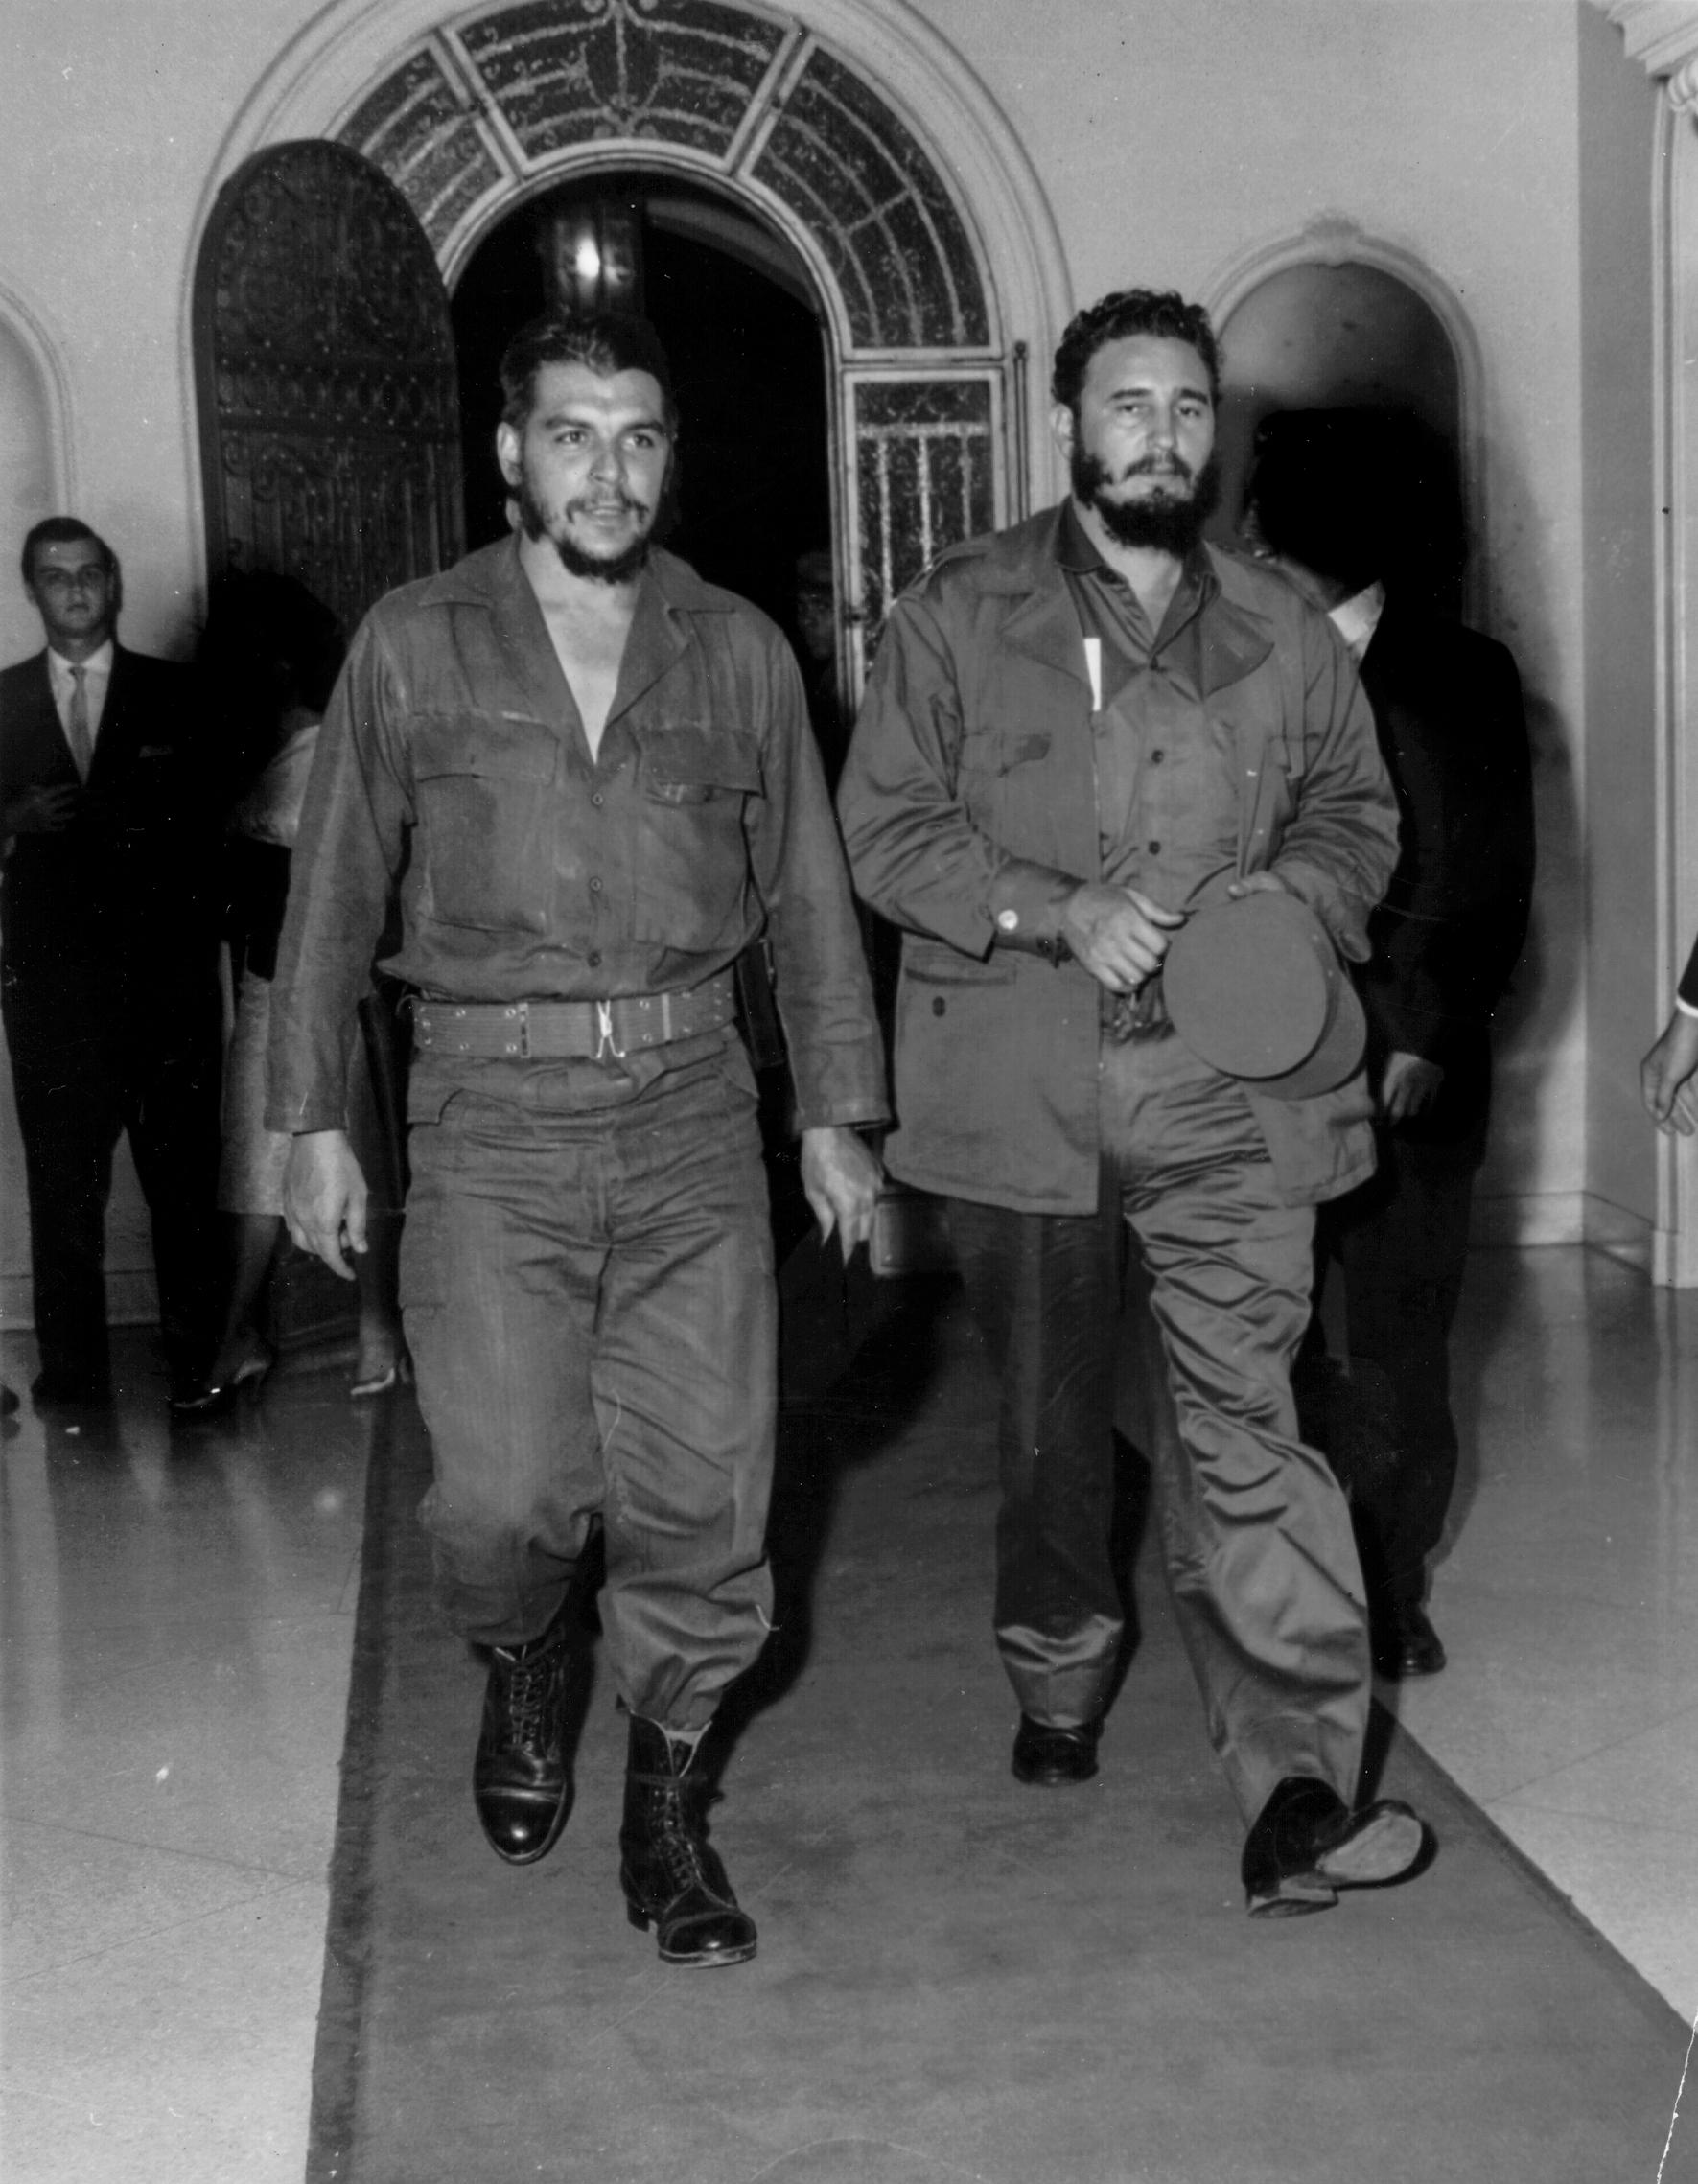 La cuestión es de principios Por Leidys María Labrador Herrera | Diario Granma, Cuba